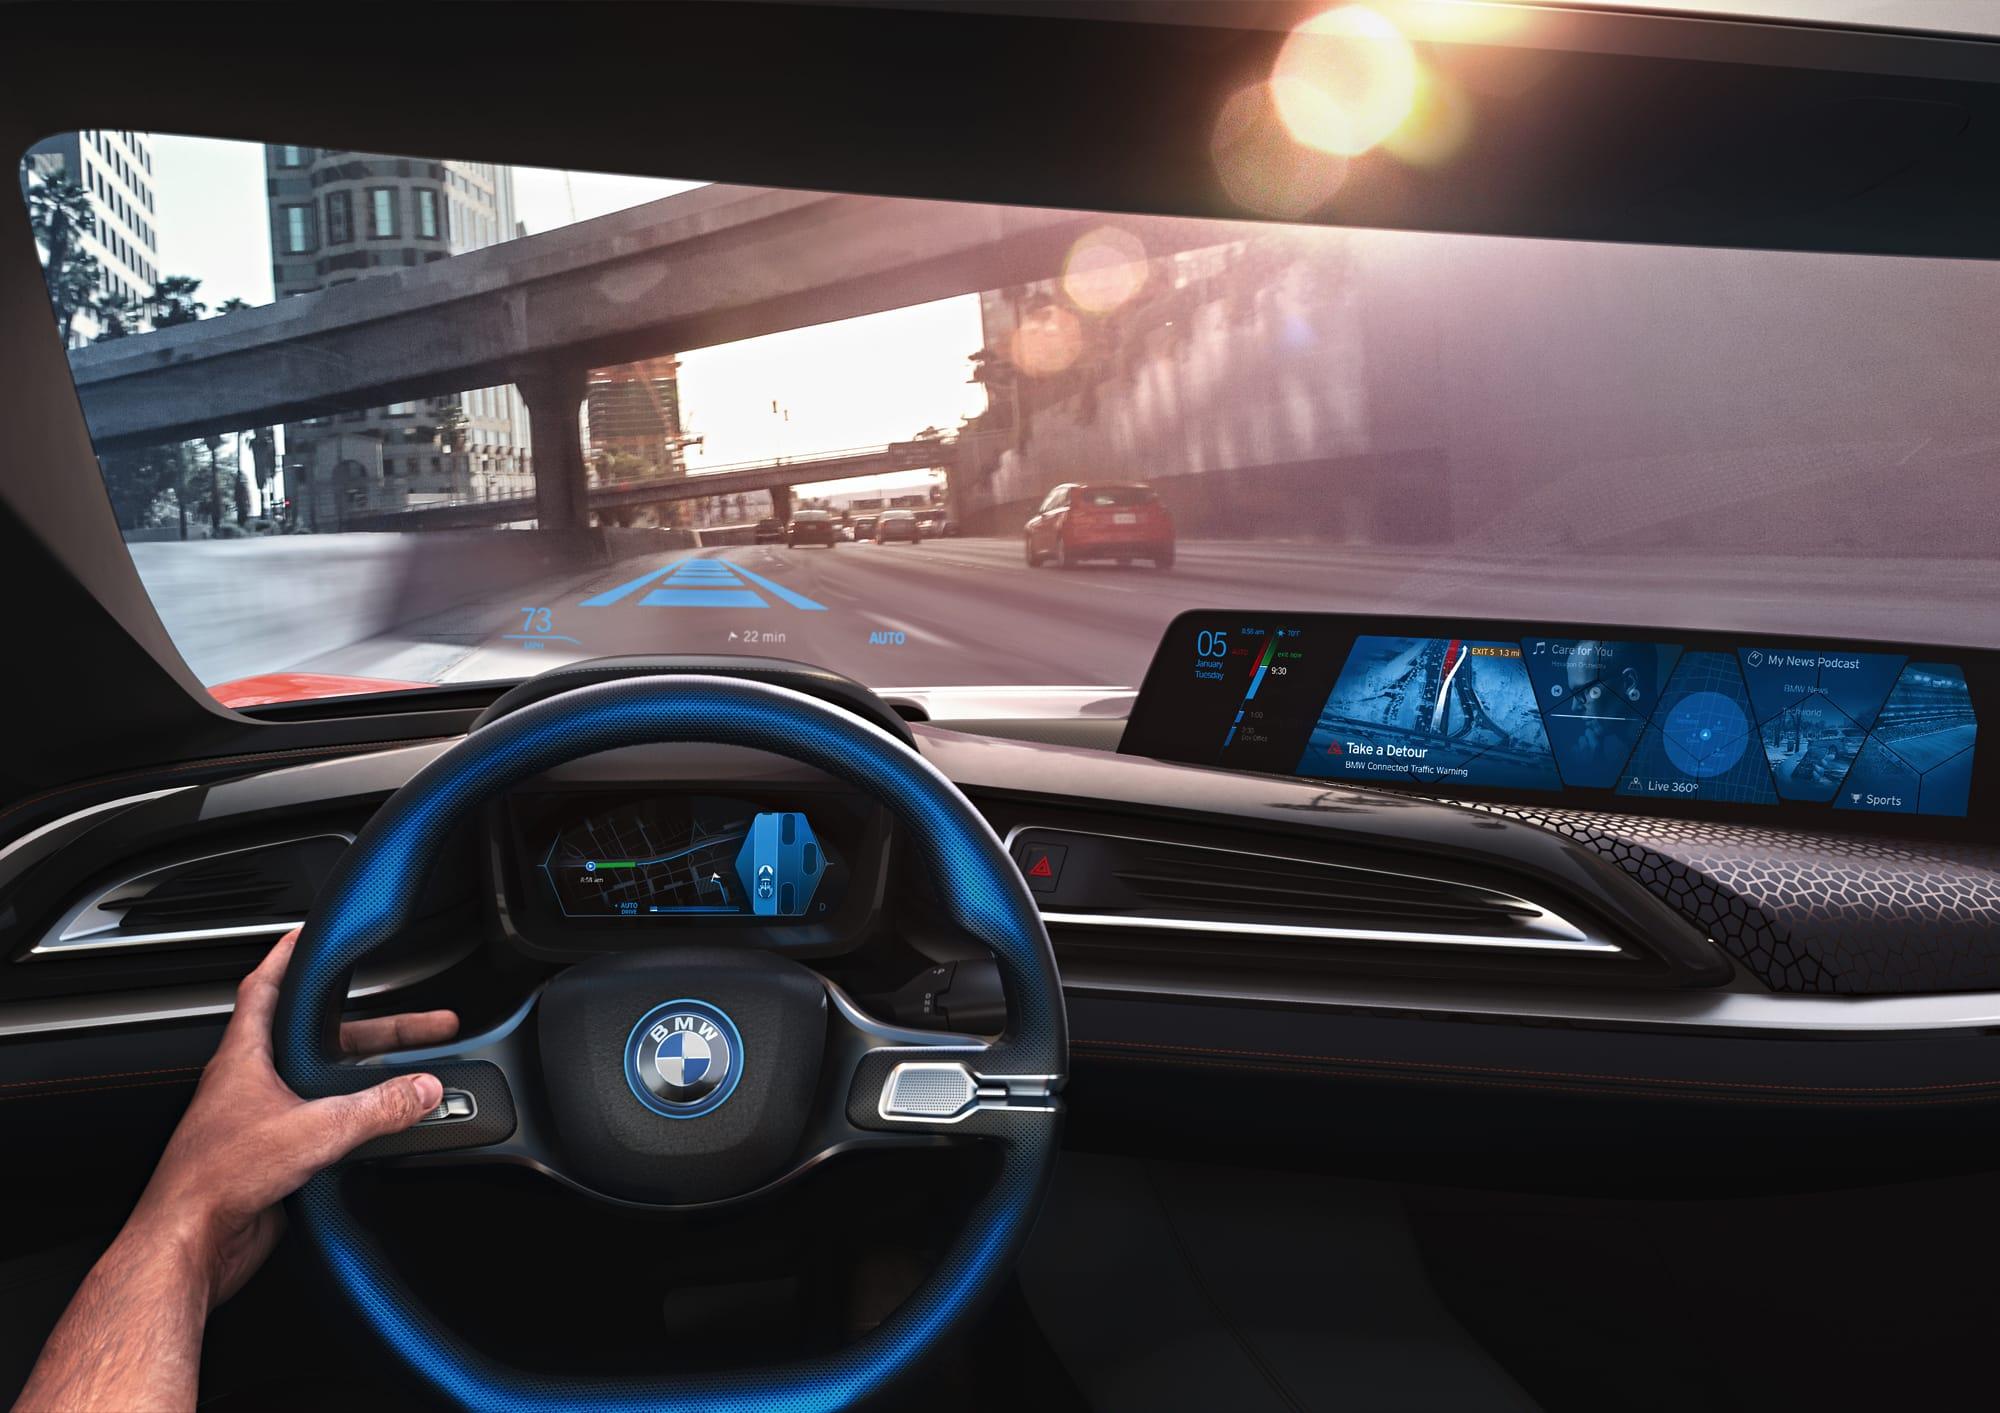 Autonomiczne samochody mogą być zagrożone